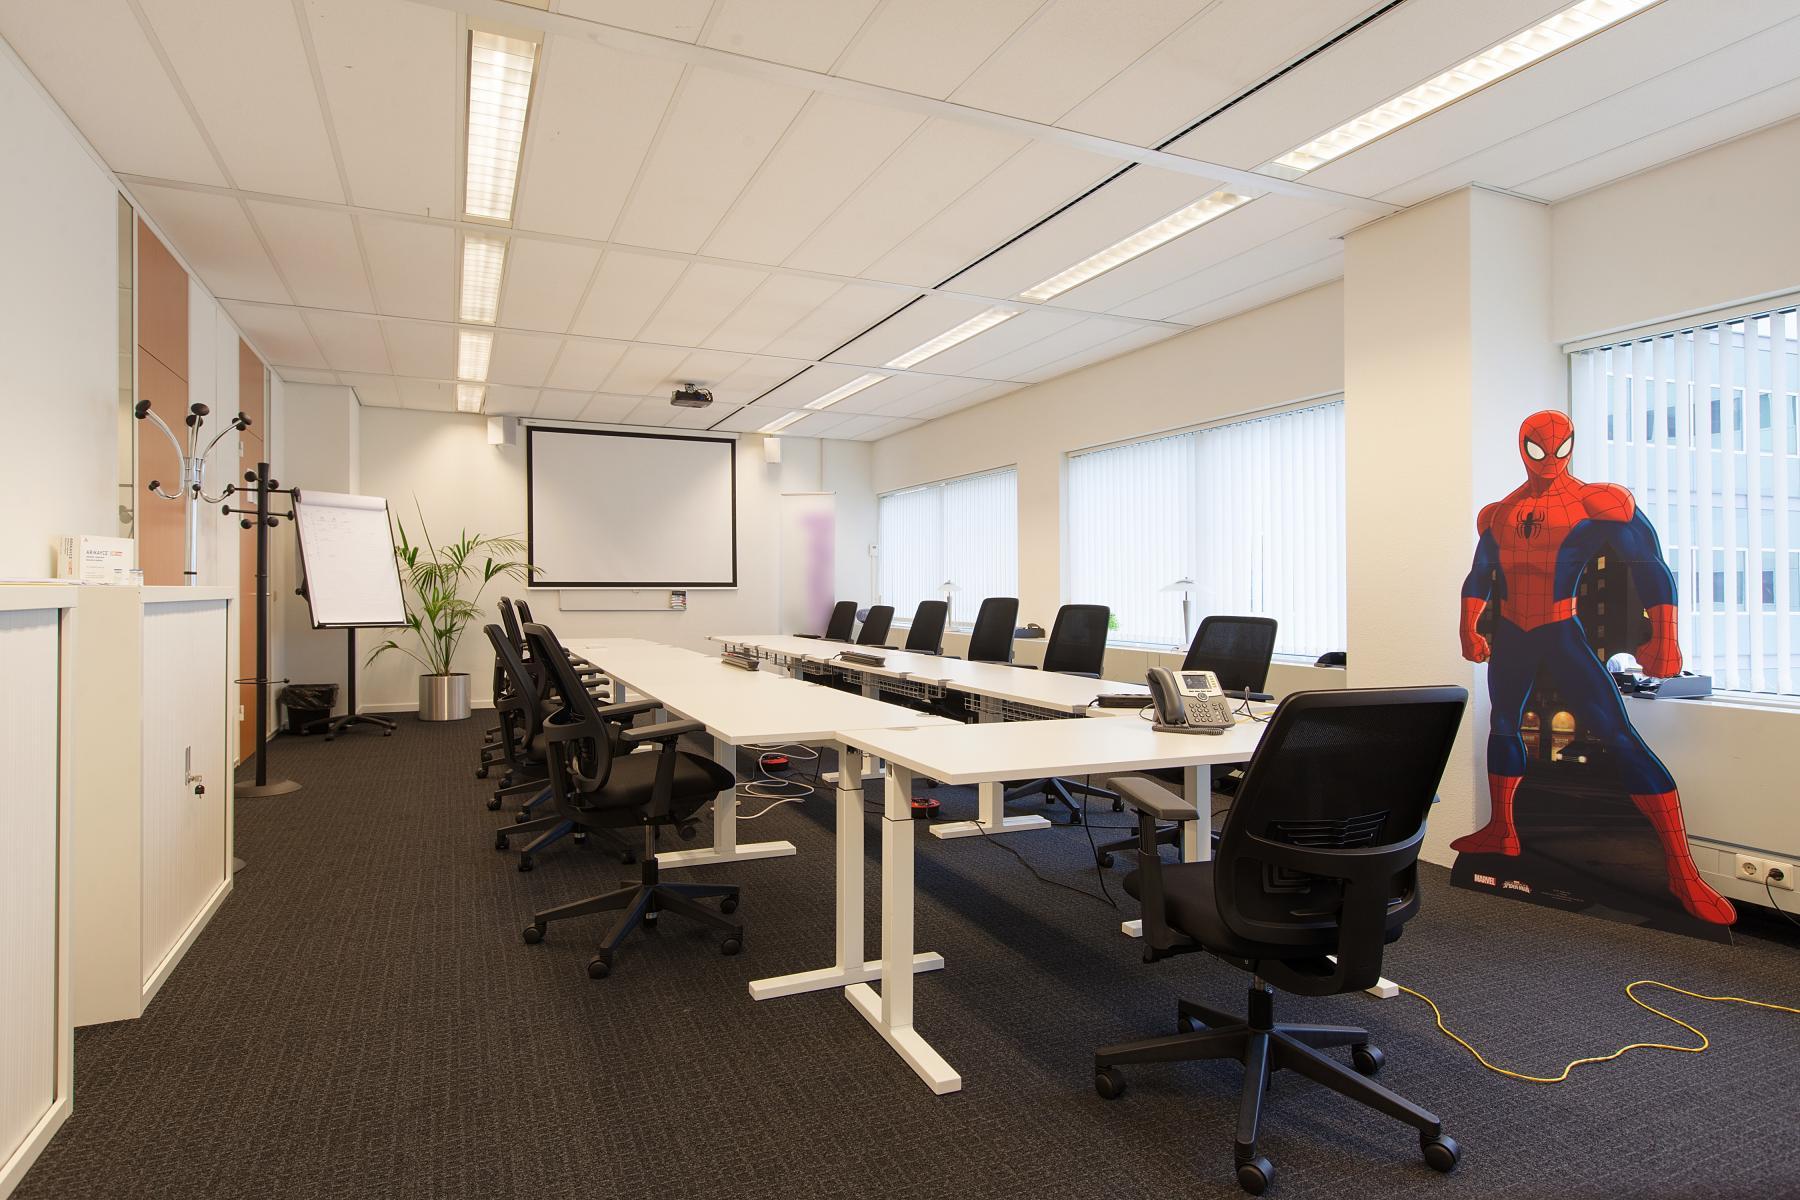 gemeubileerde vergaderruimte huren Graadt van Roggenweg Utrecht